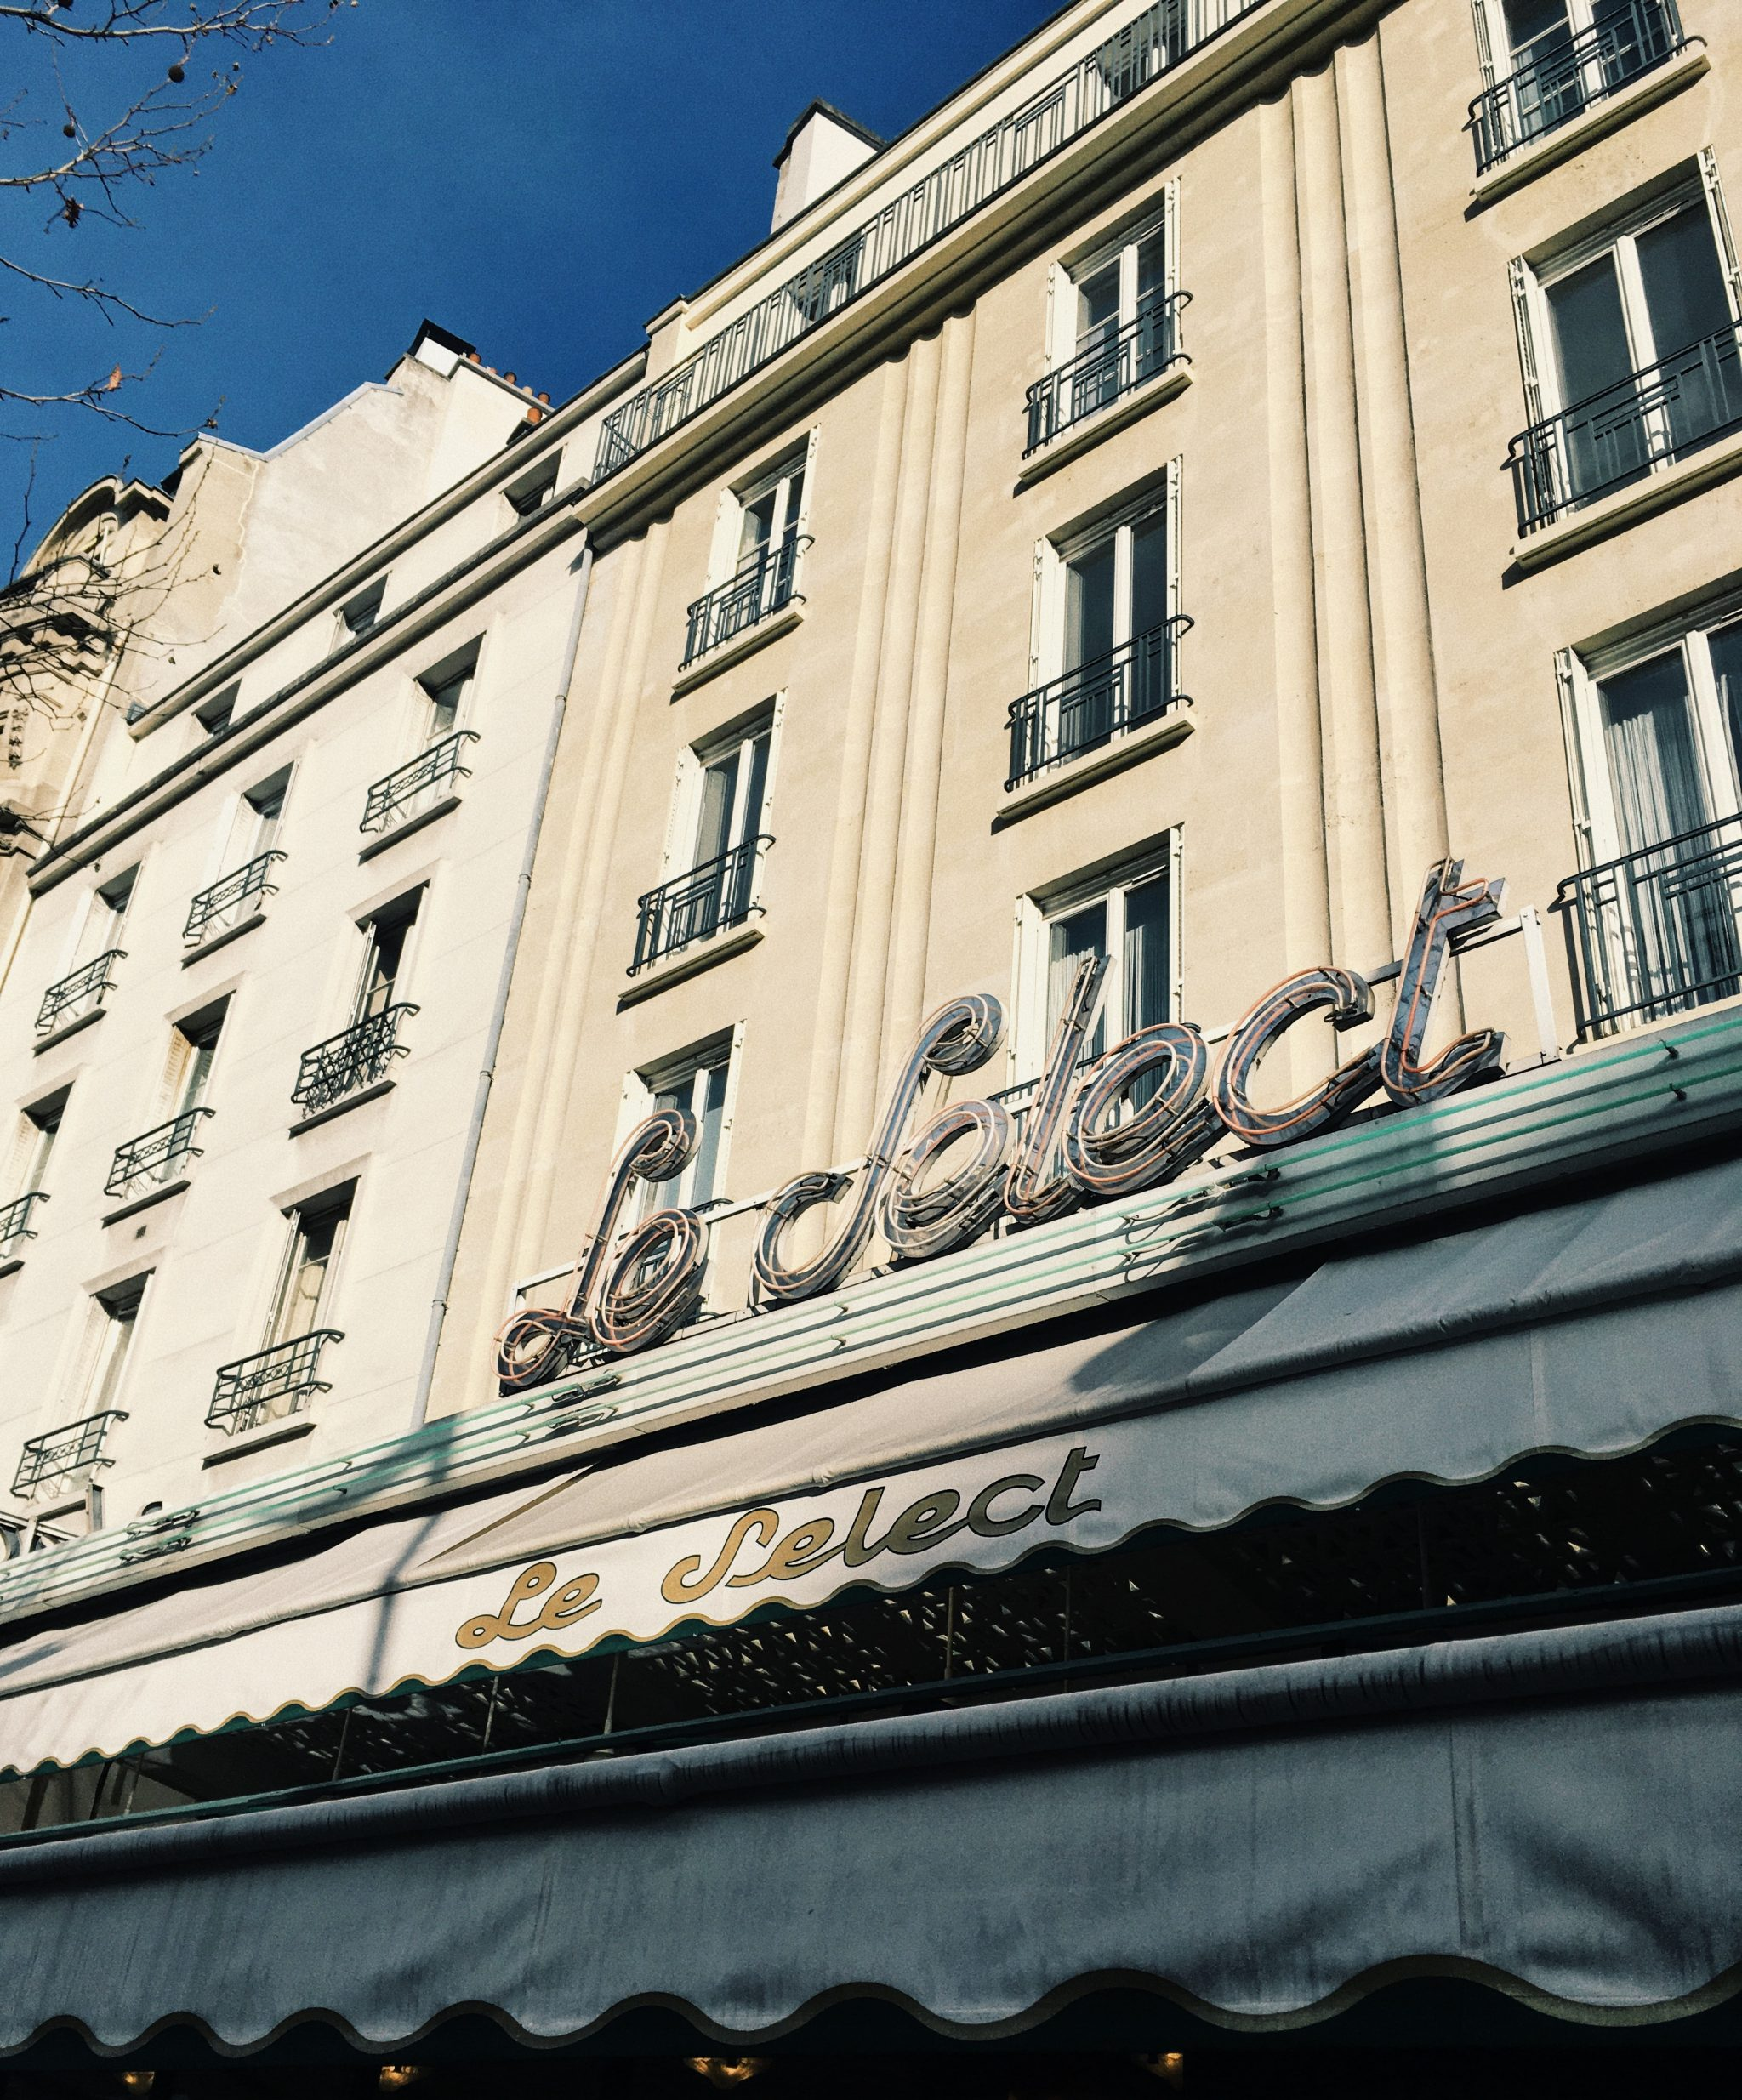 Paris schöne Hausfassade mit Markise